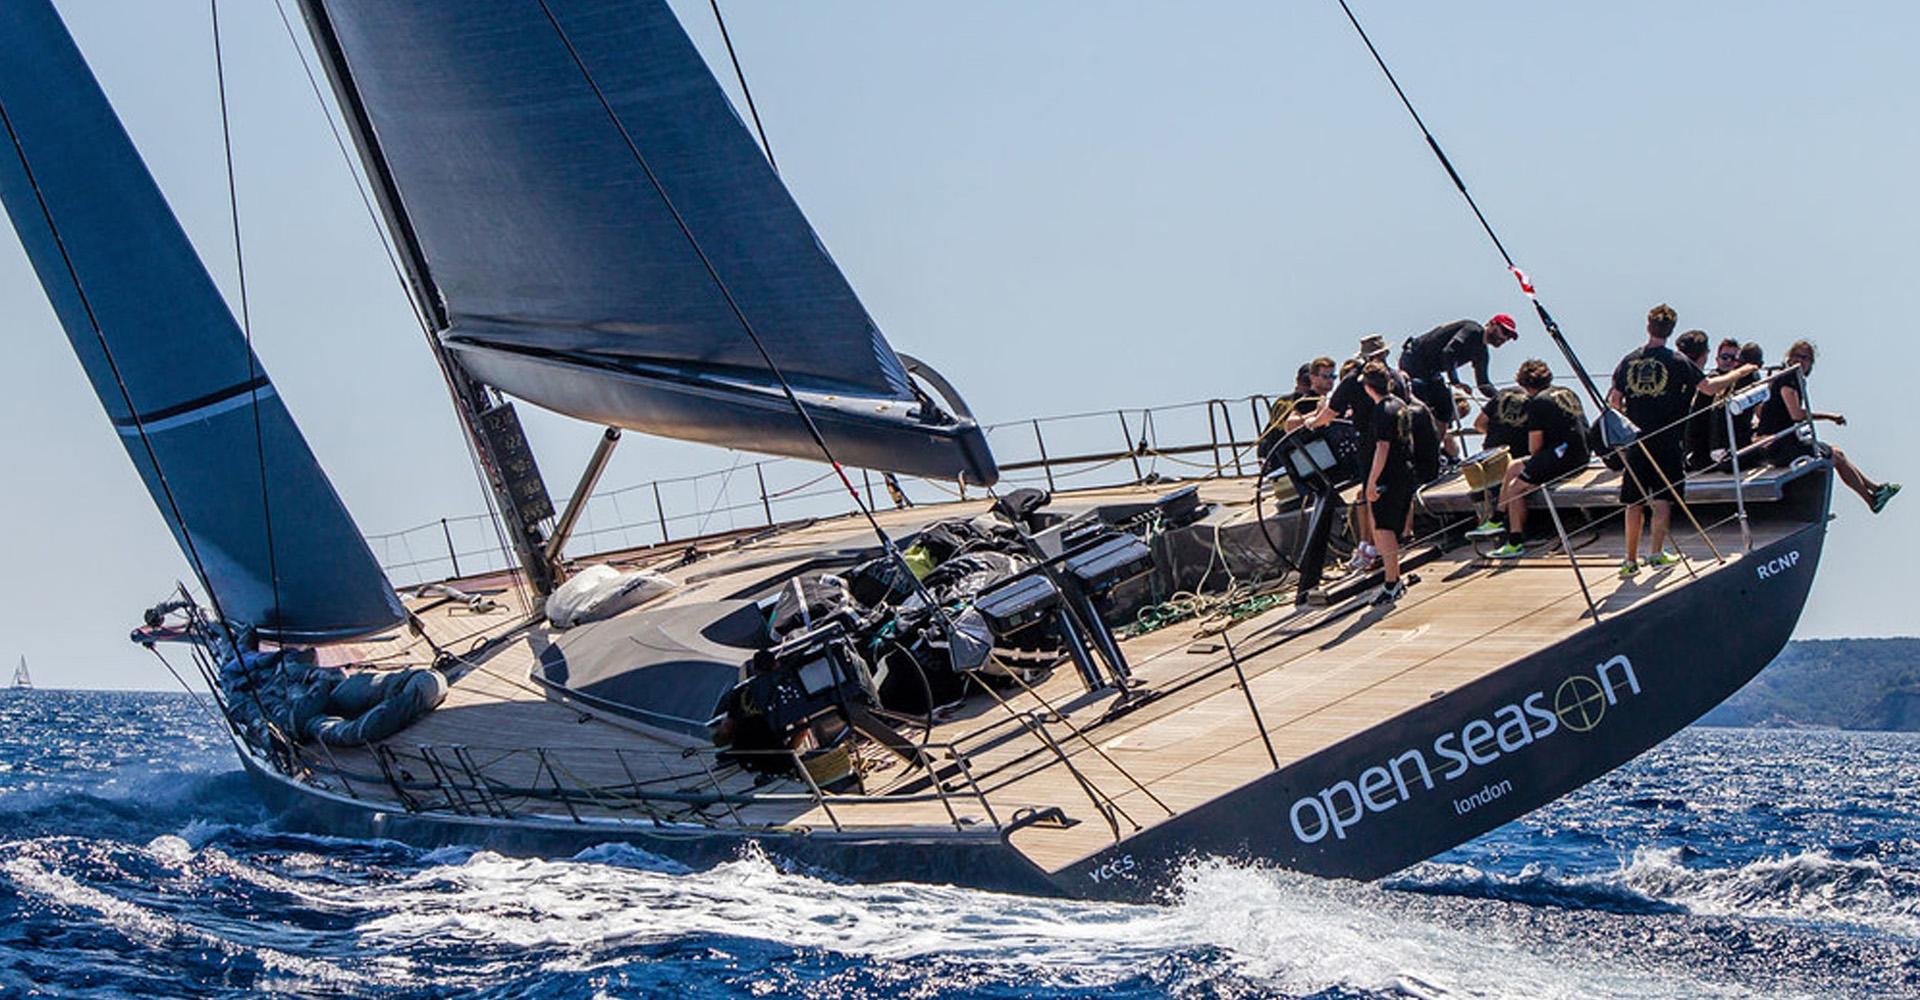 Sailing yacht Open Season heeling